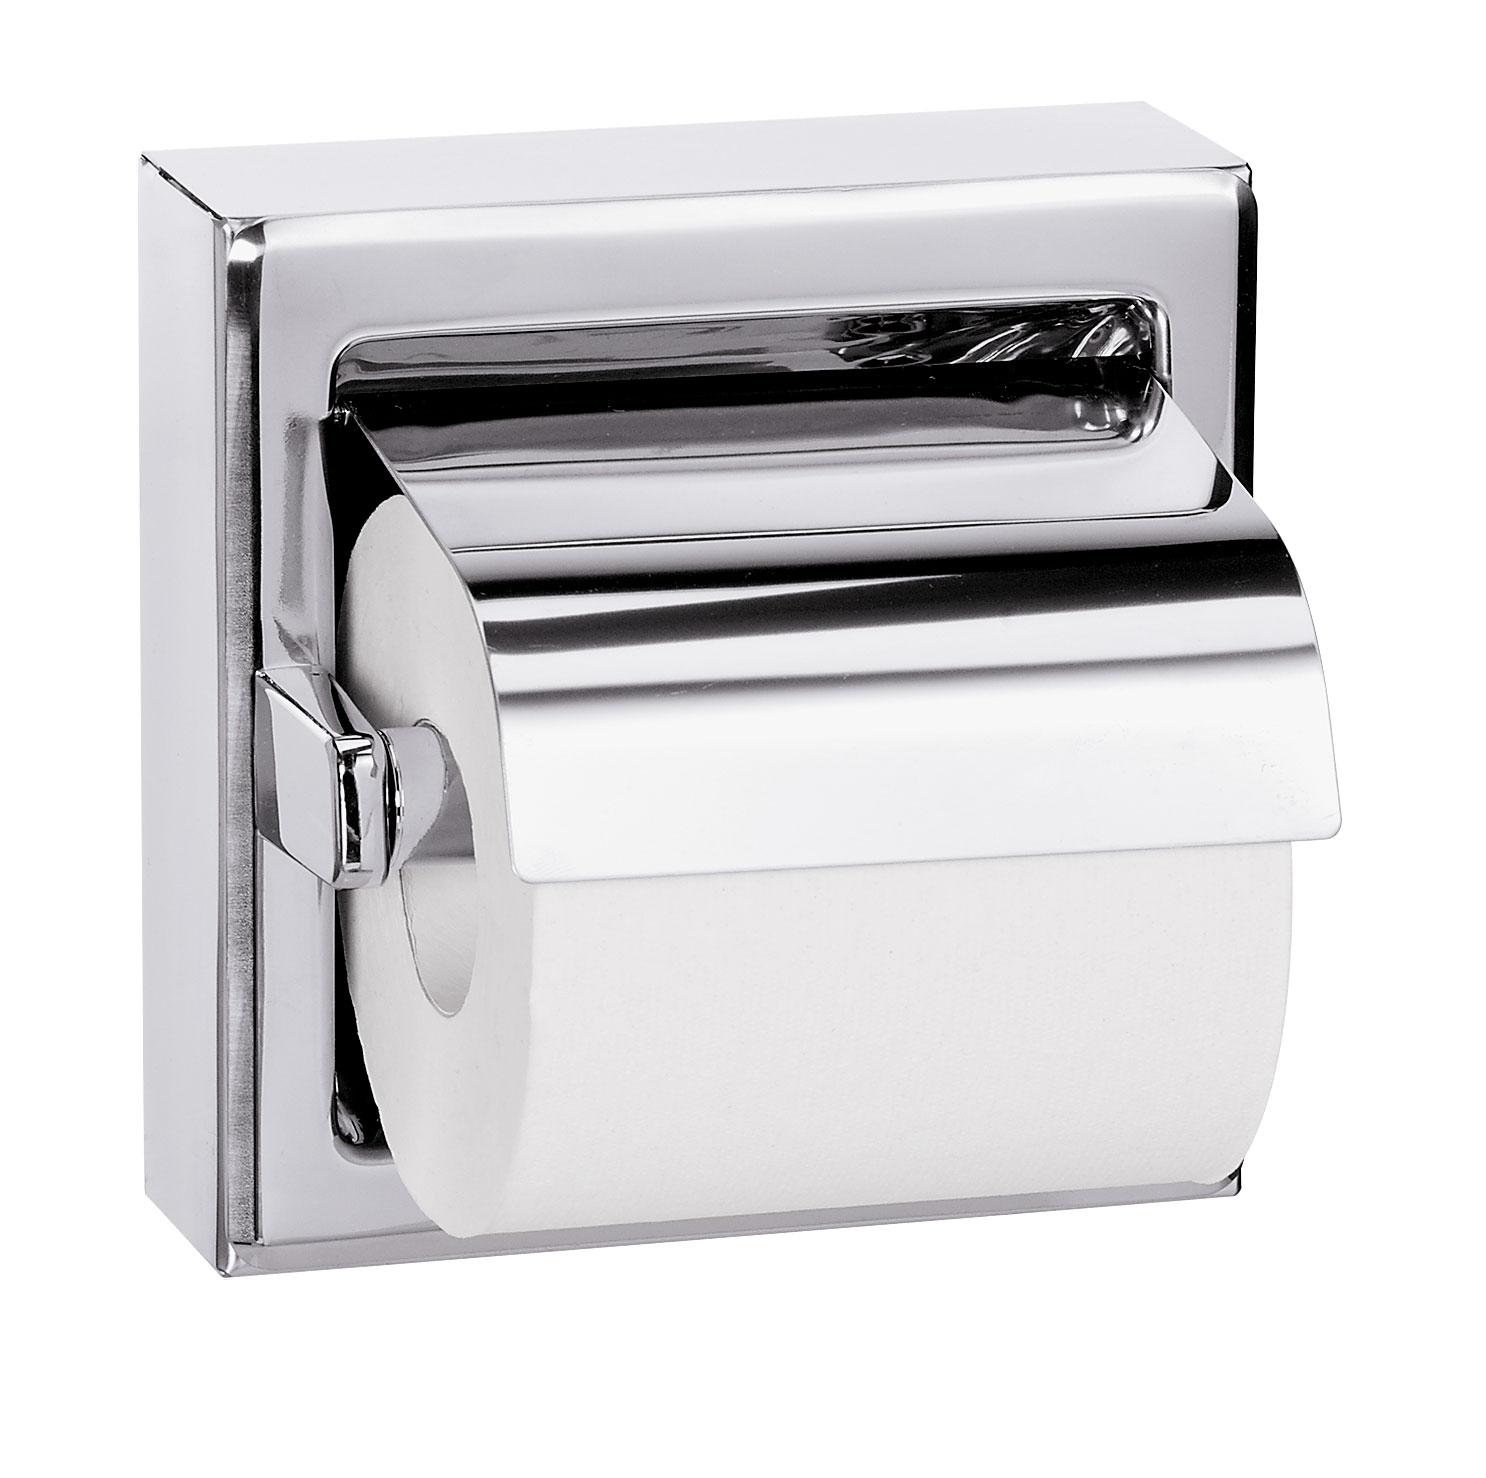 Bradley 5106 Single Roll Toilet Paper Dispenser